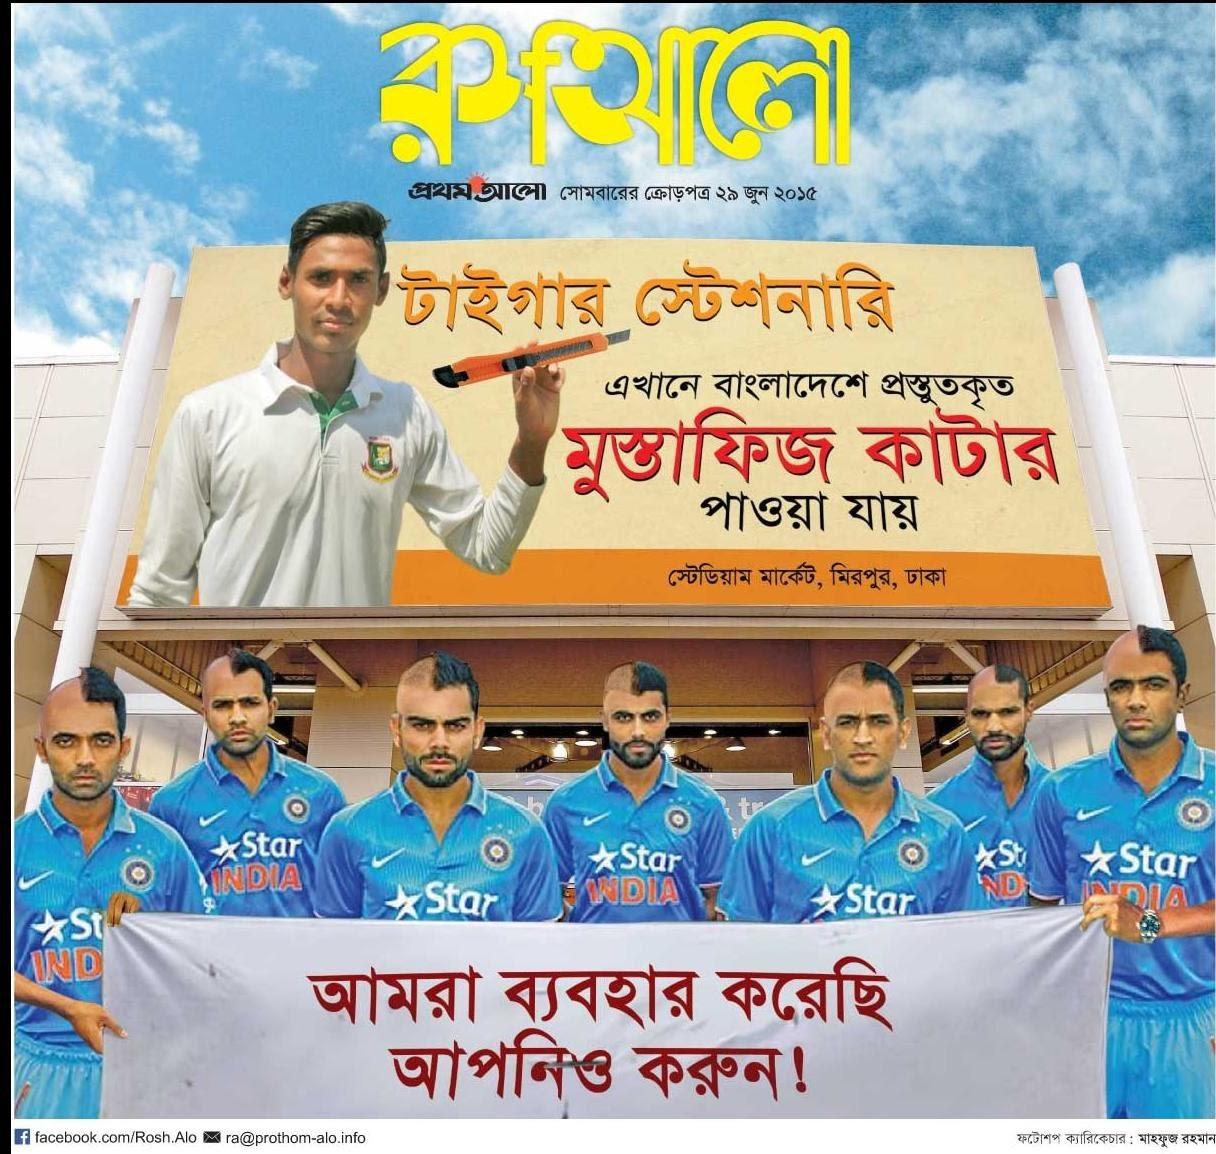 টিম ইন্ডিয়া আর বাংলাদেশ ক্রিকেট দলের মধ্যেকার এই বিতর্কগুলি সবচেয়ে বেশি থেকেছে শিরোনামে 4